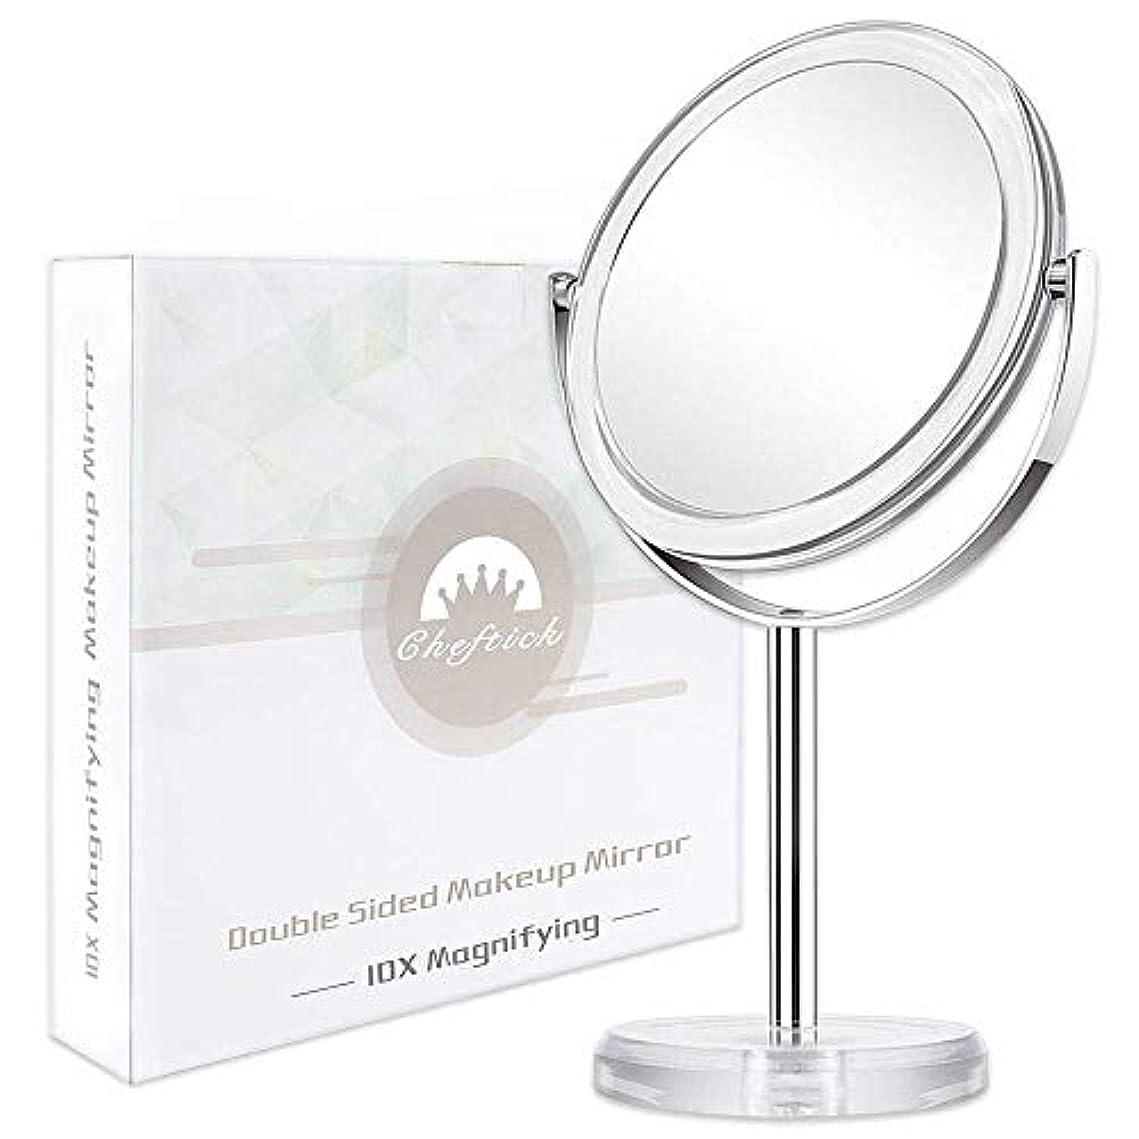 スープ起きろサワーCheftick 10倍&等倍両面鏡 化粧鏡 拡大鏡 スタンドミラー 360°回転 取り外せる